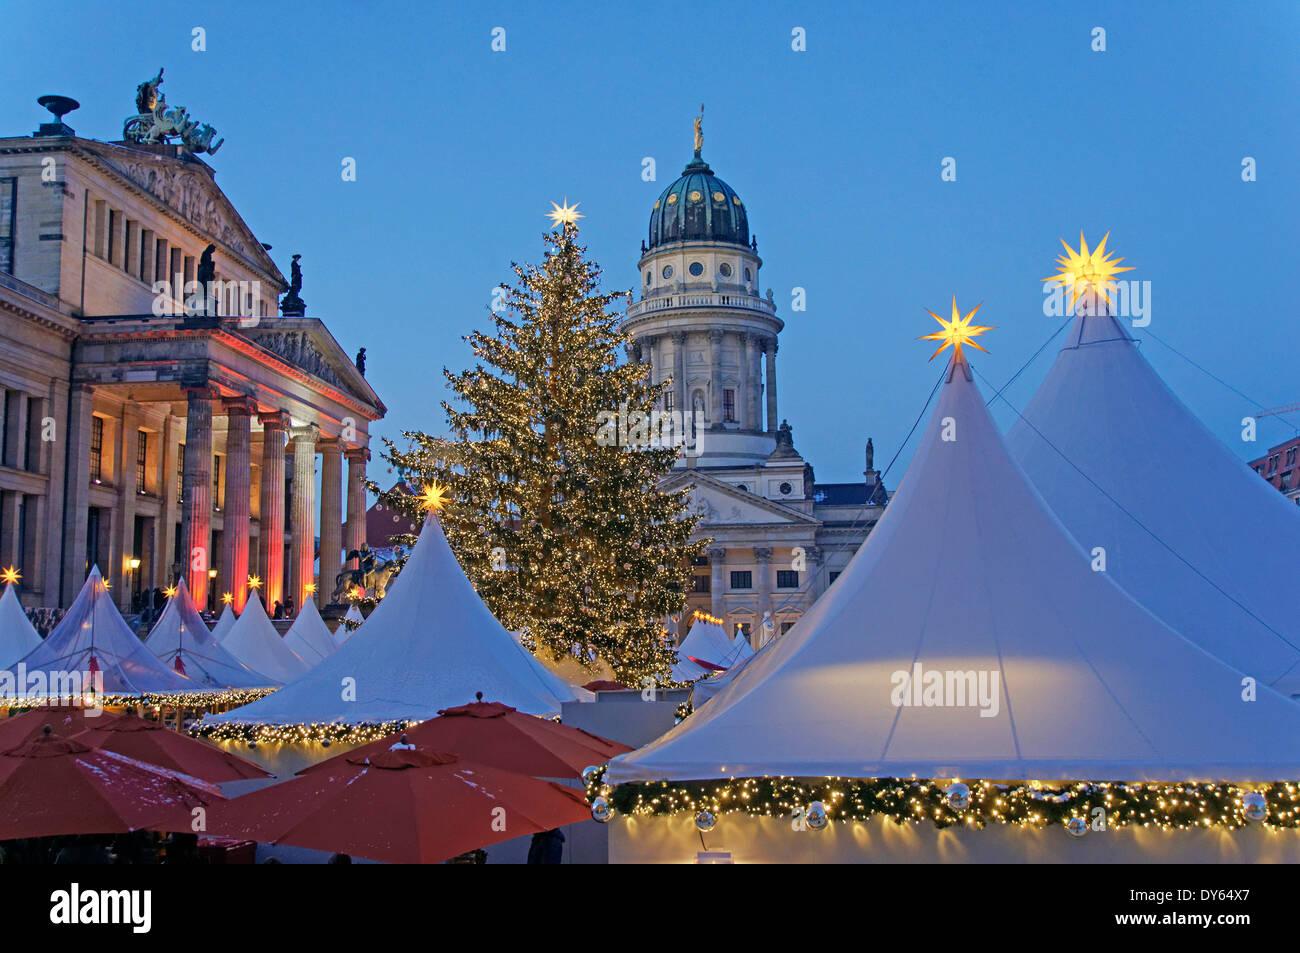 Weihnachtsmarkt Gendarmenmarkt Berlin - Stock Image